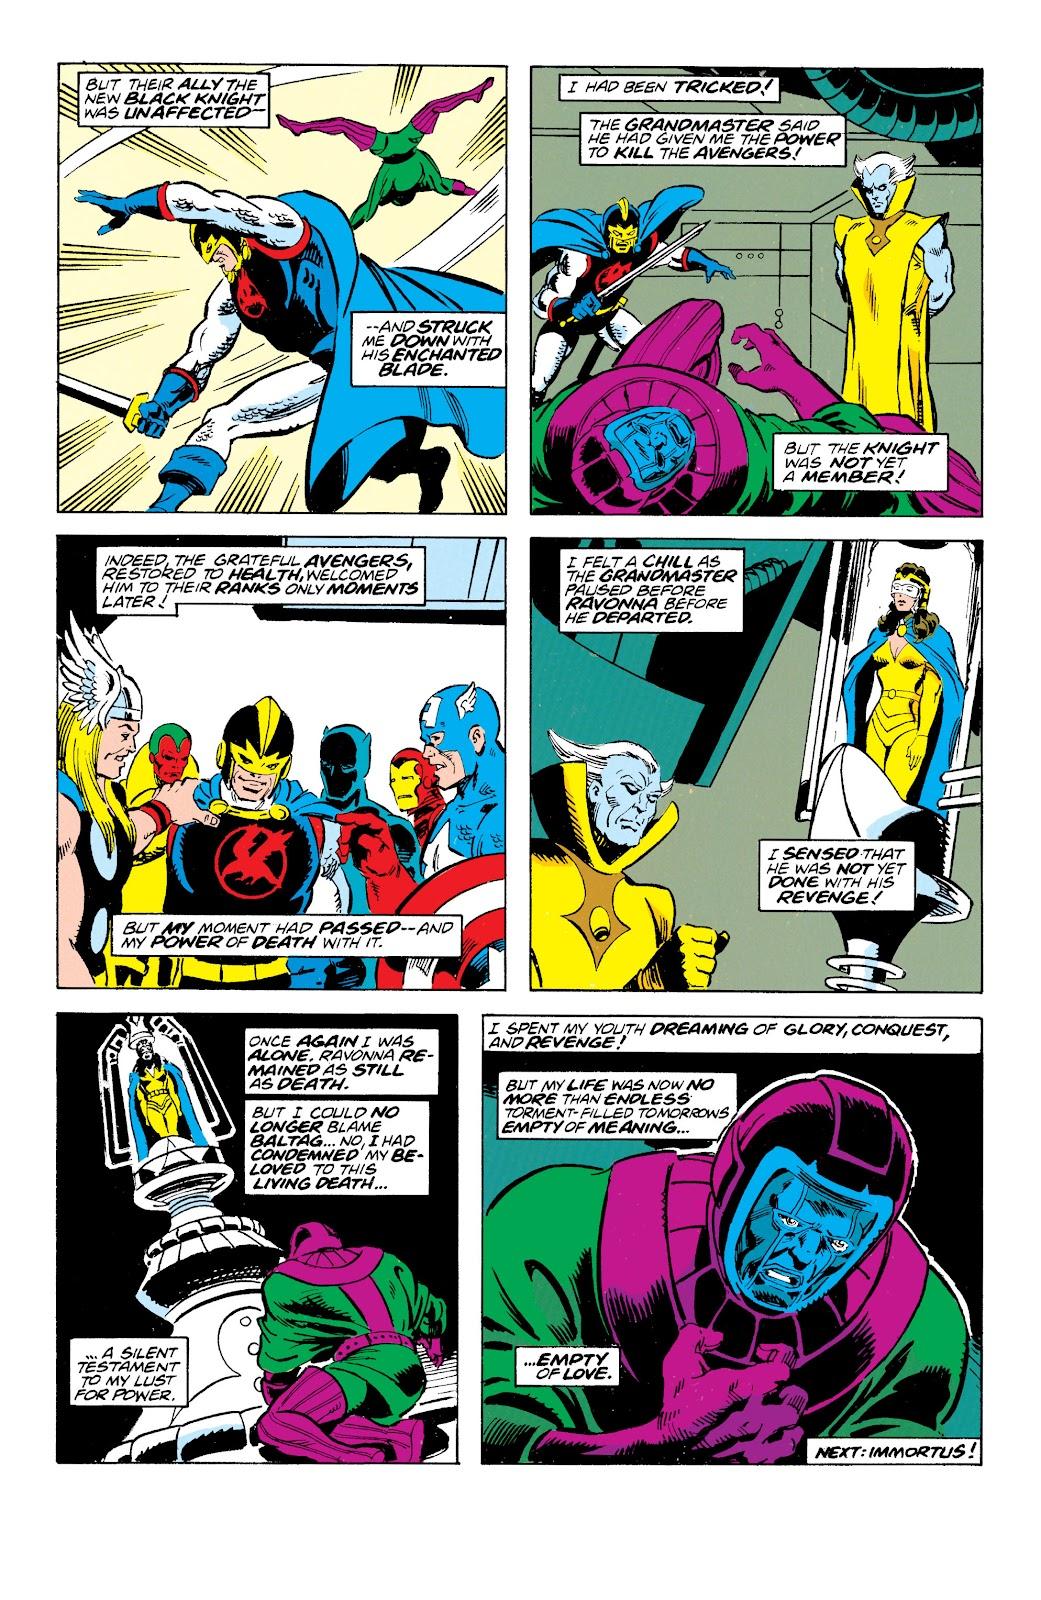 Read online Avengers: Citizen Kang comic -  Issue # TPB (Part 2) - 12